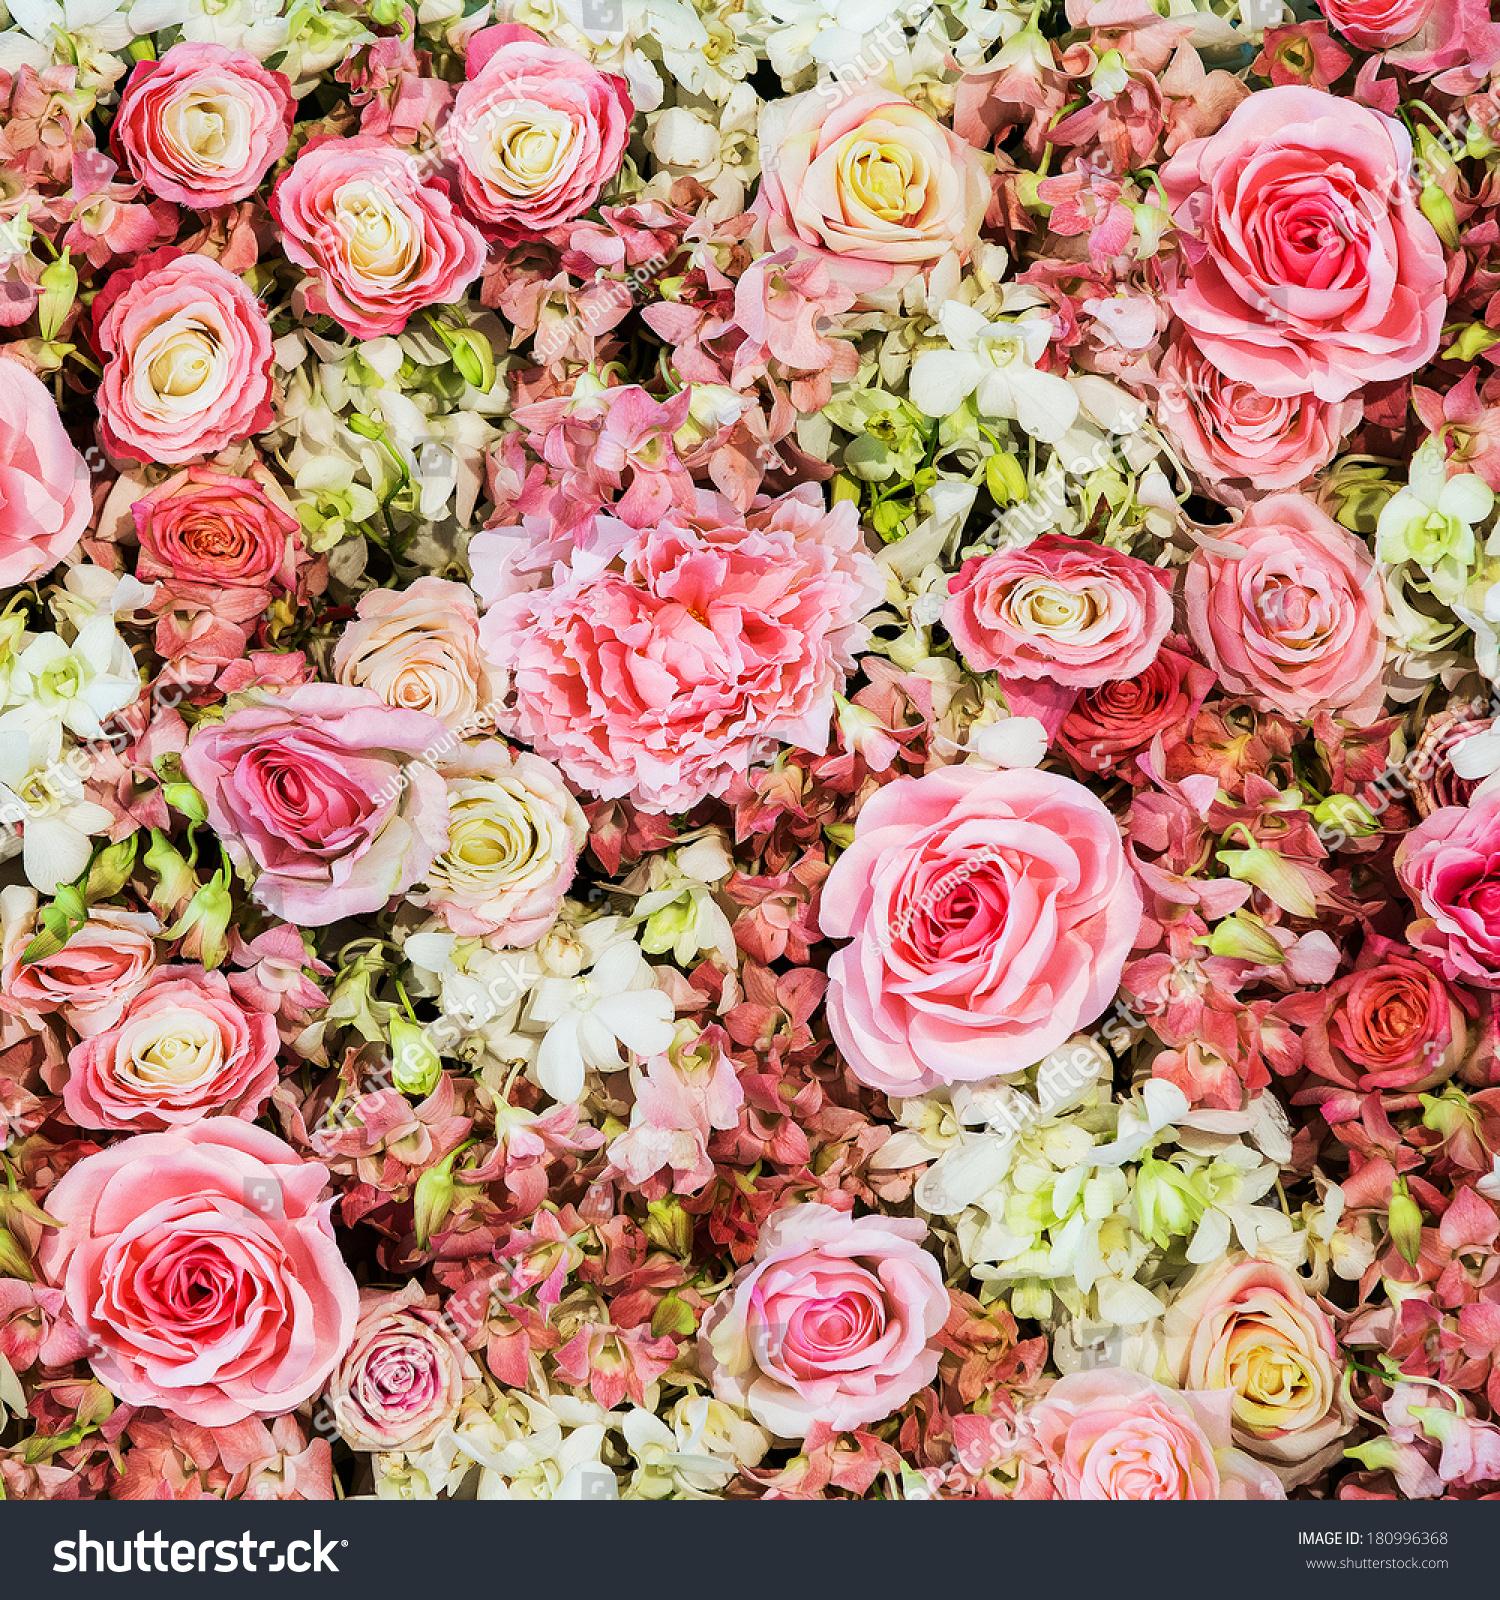 美丽的花朵背景的婚礼现场